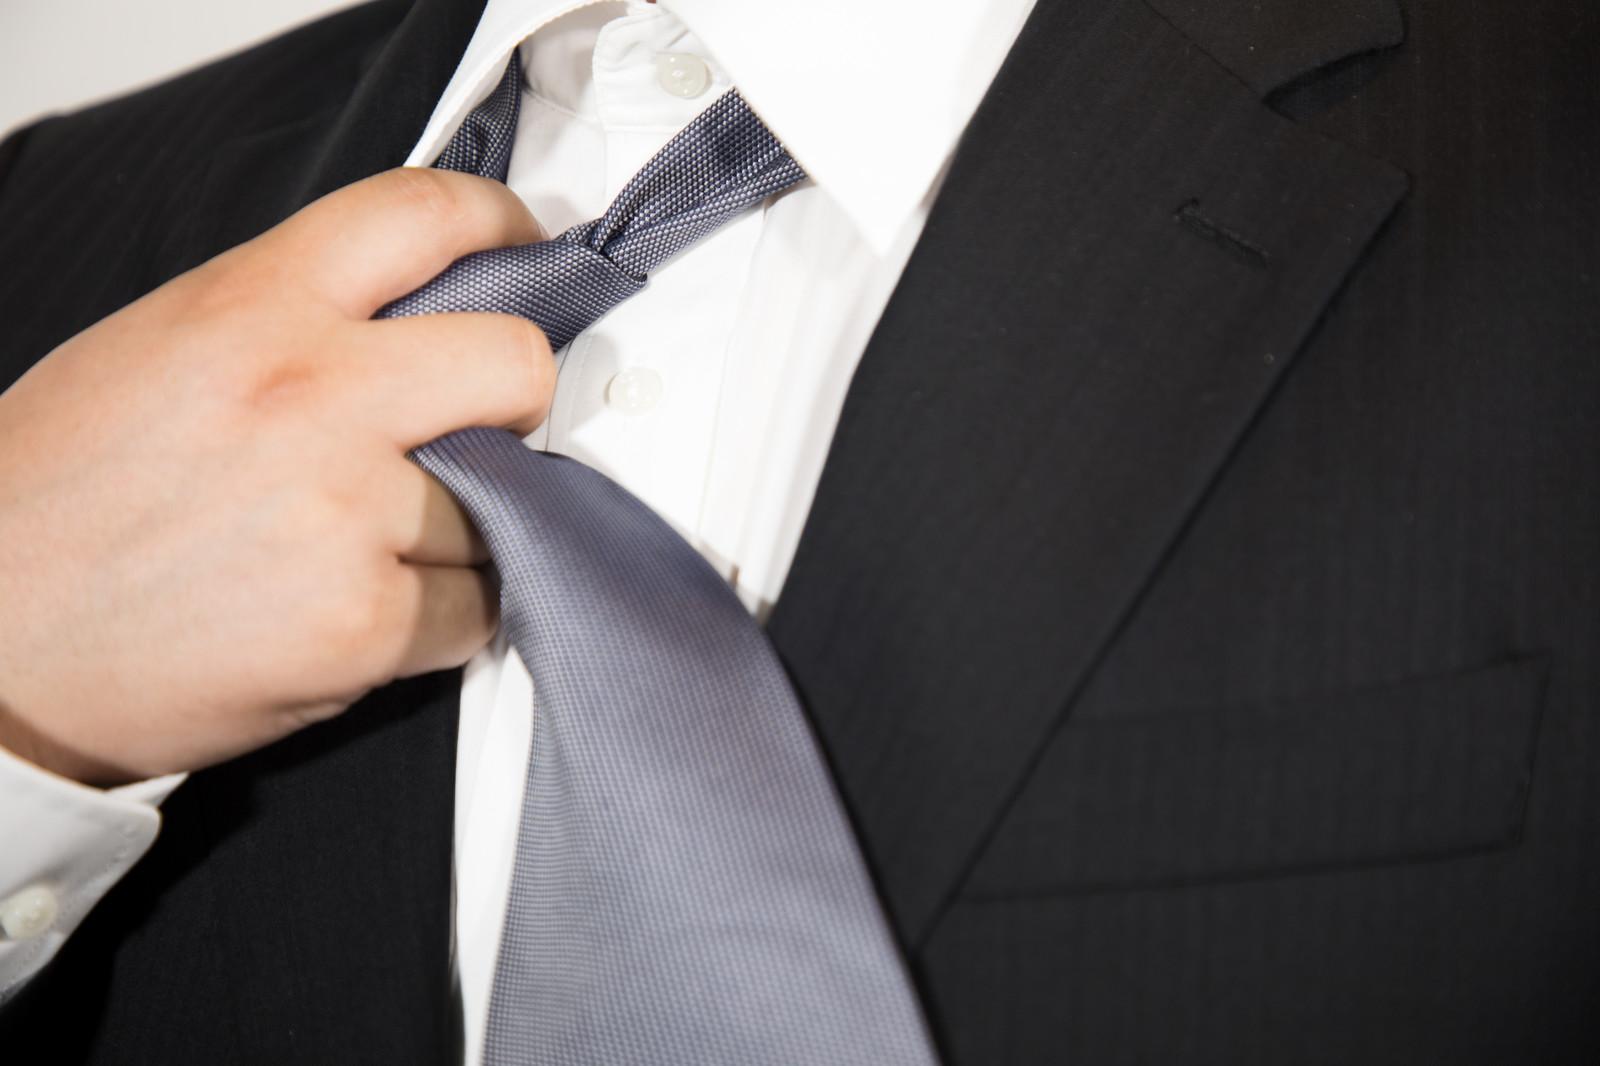 営業職の仕事の実情 -仕事は辛い?-